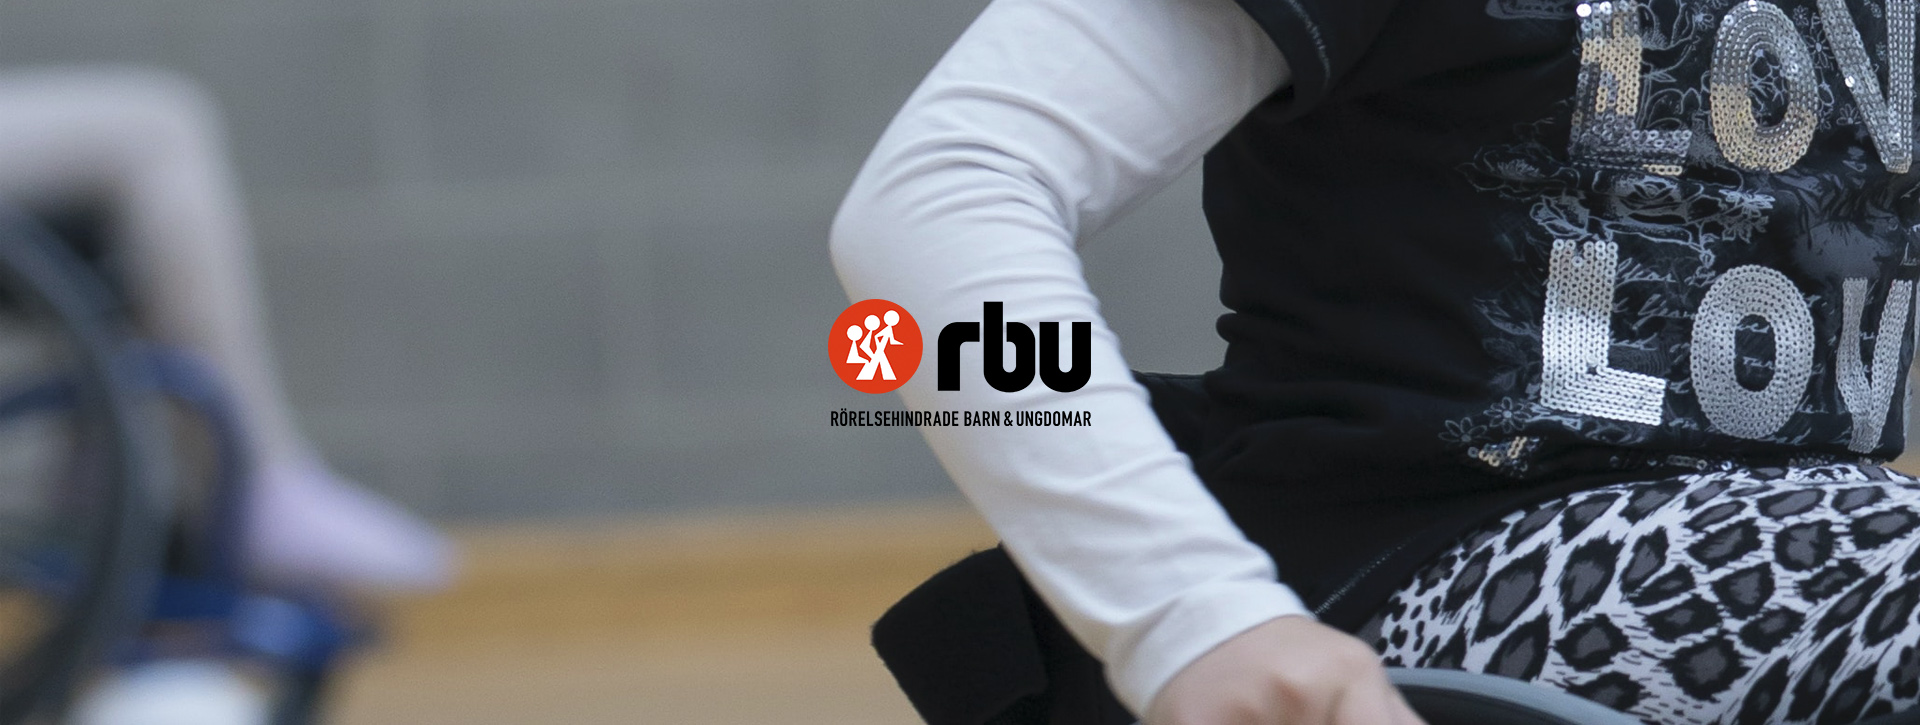 Föreningen för rörelsehindrade barn och ungdomar (RBU) Uppsala